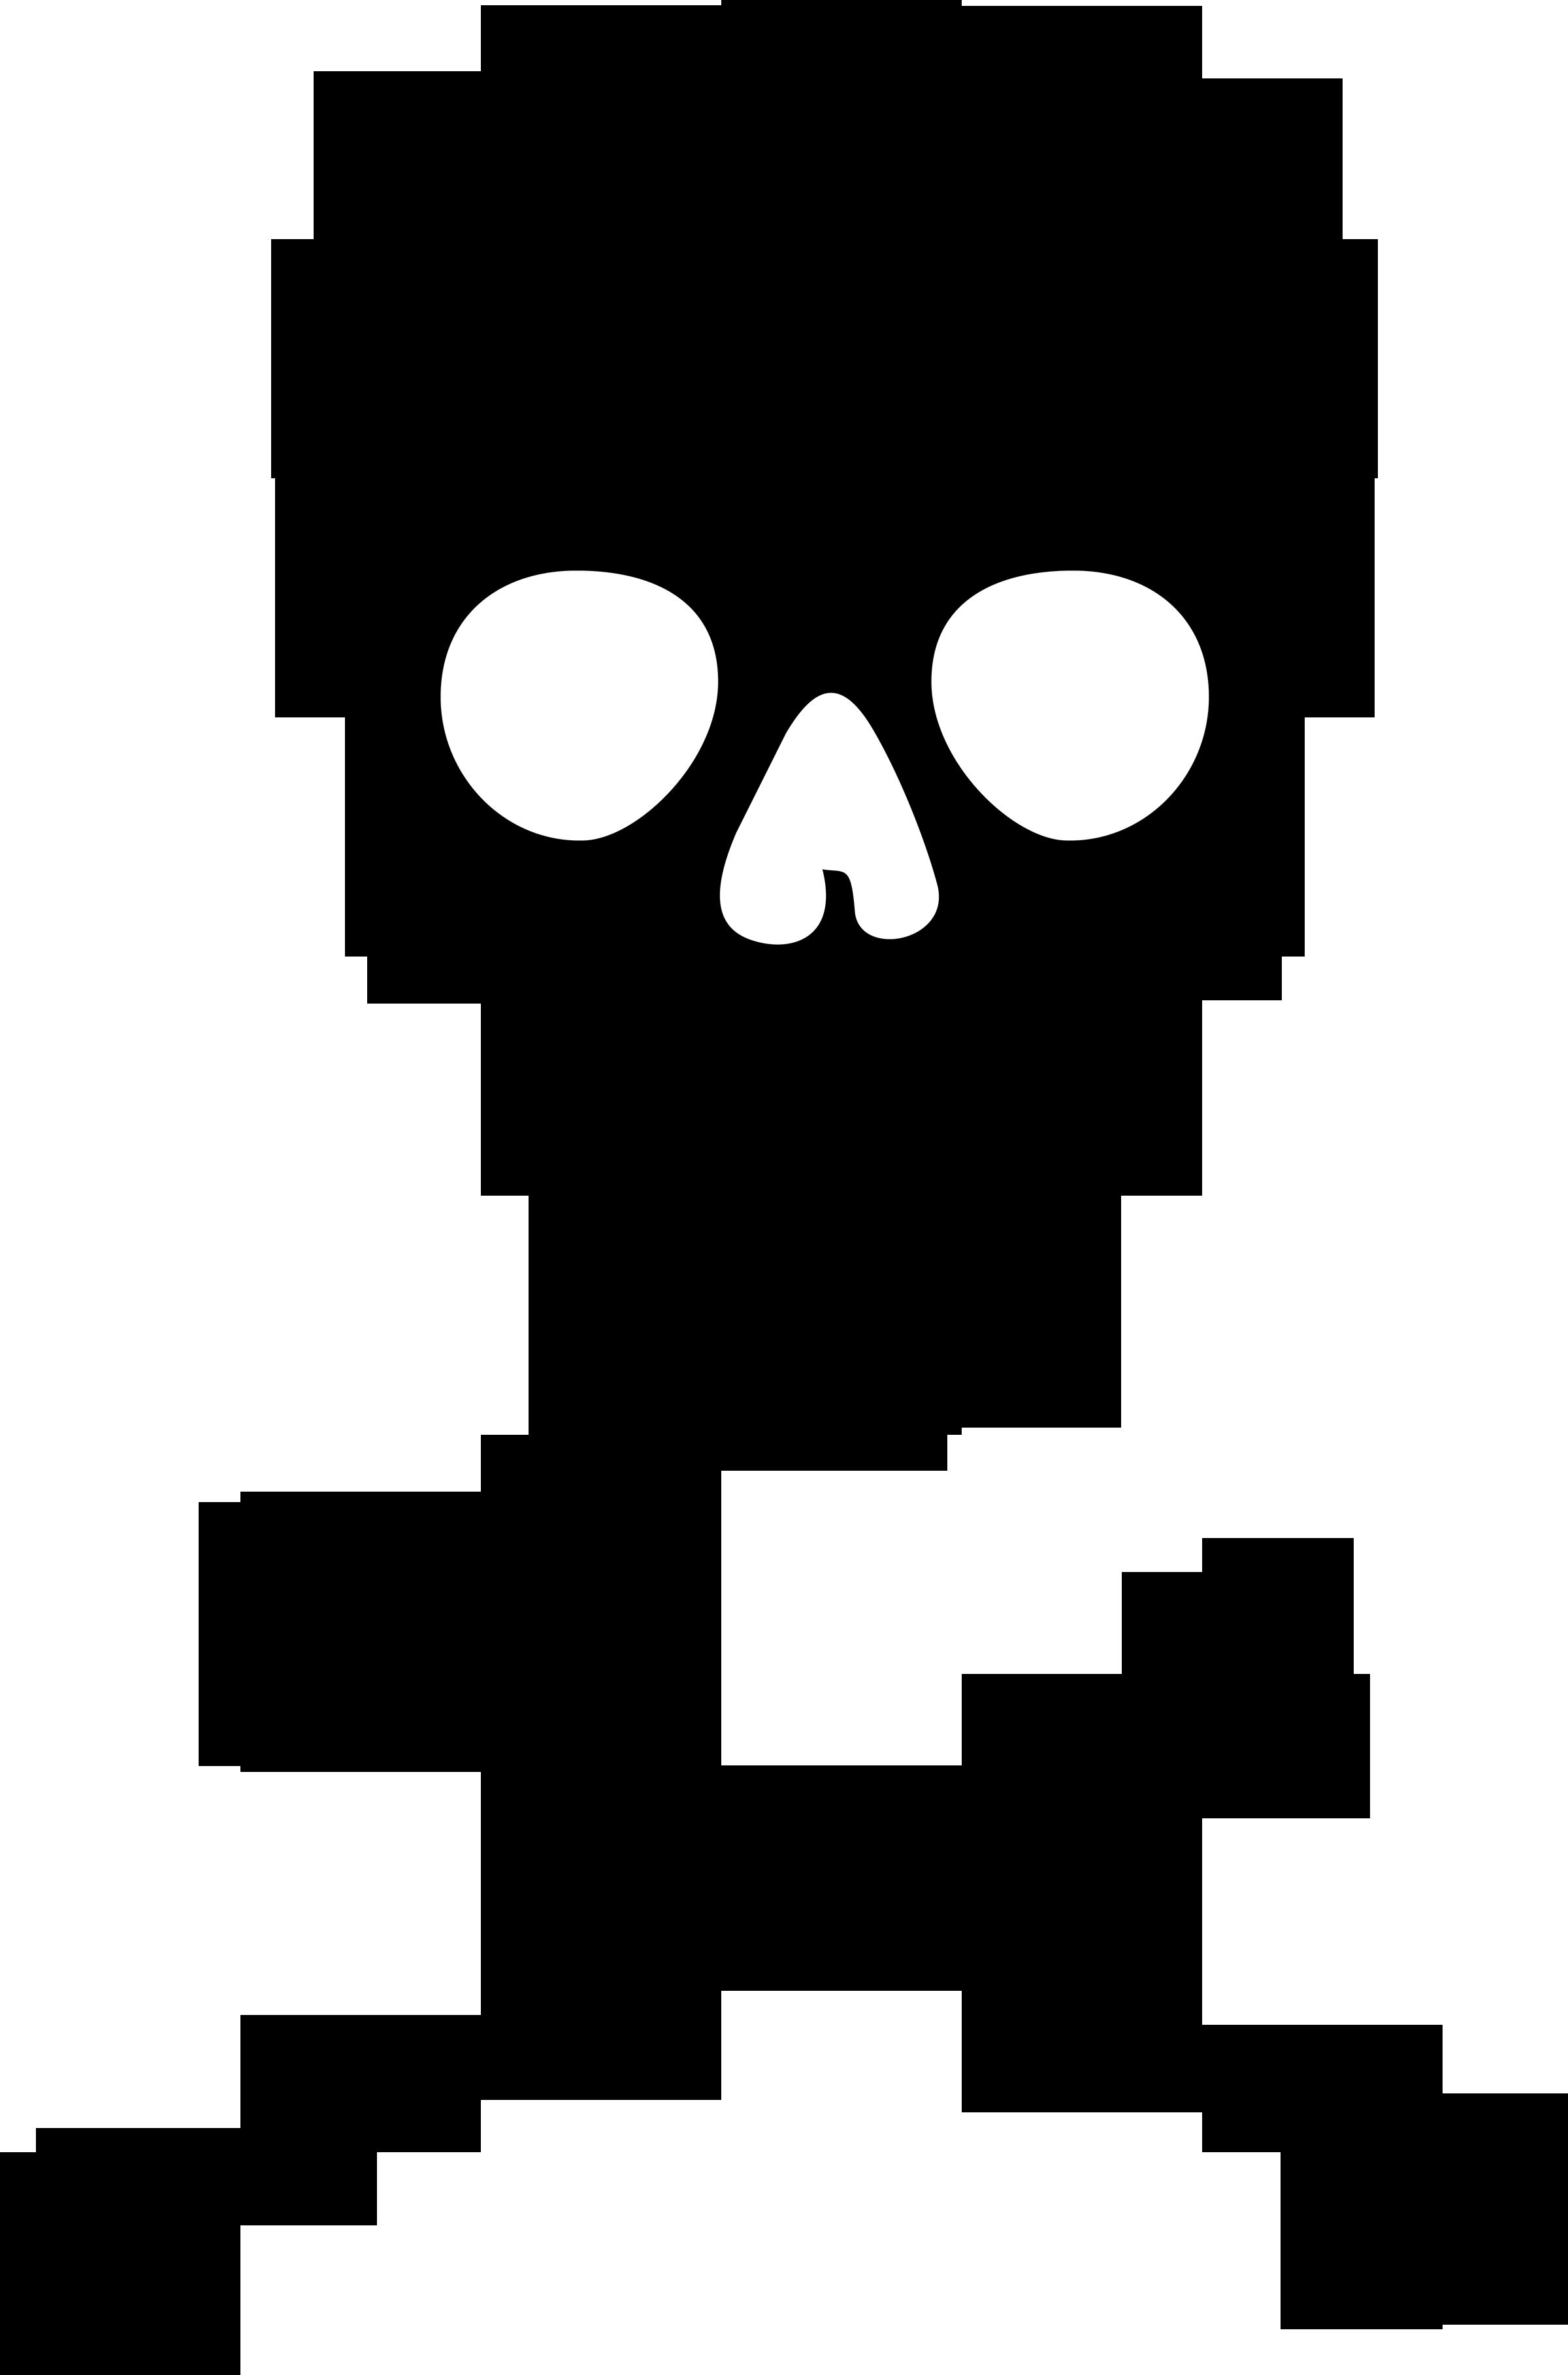 Skull And Crossbones Clipart .-Skull And Crossbones Clipart .-8